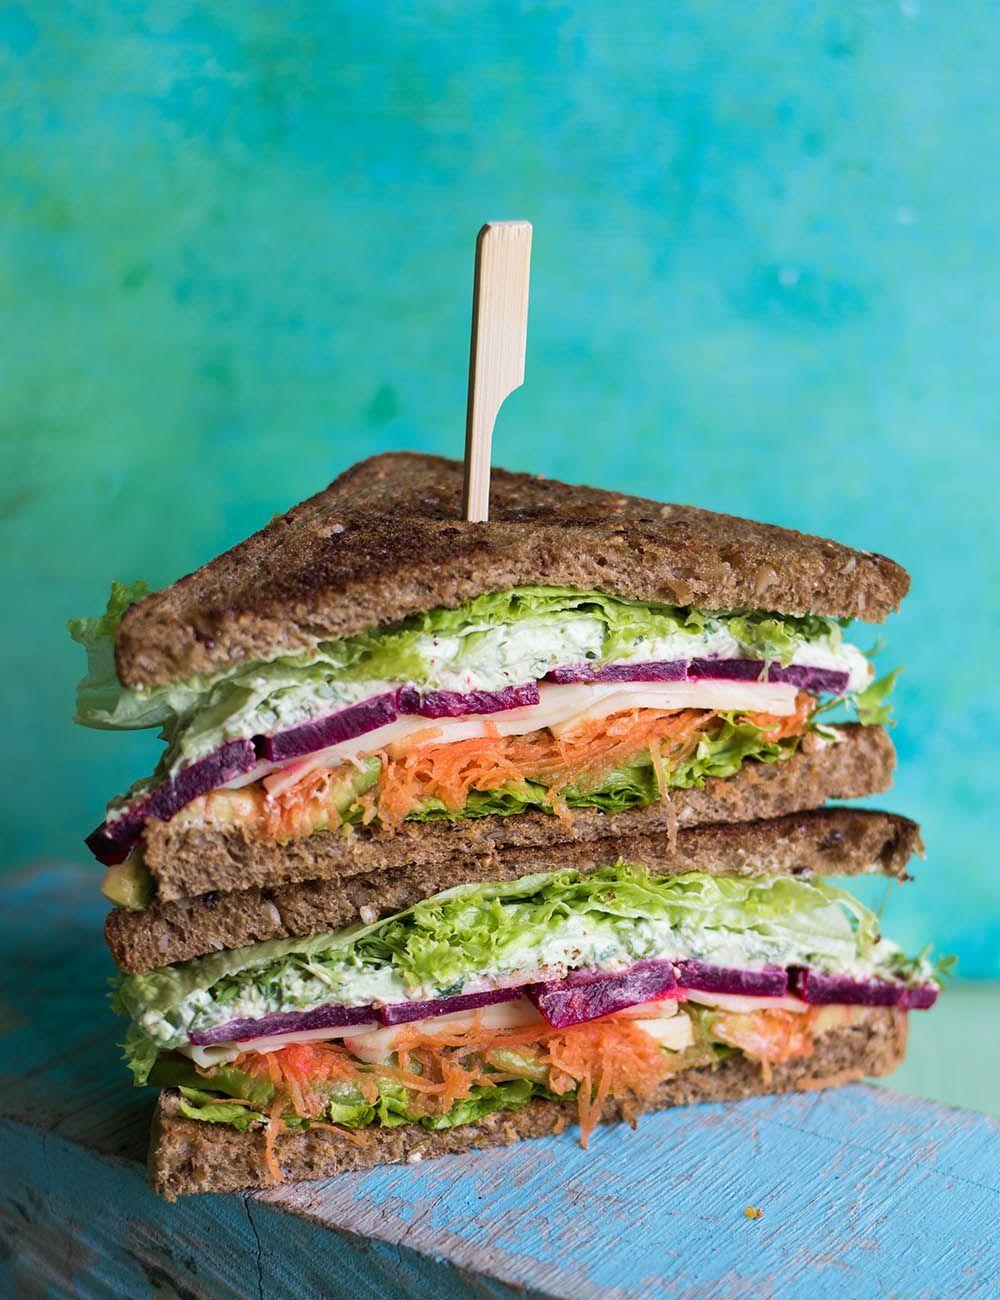 Spring sandwich with wild garlic dip -  Spring sandwich with wild garlic dip  -